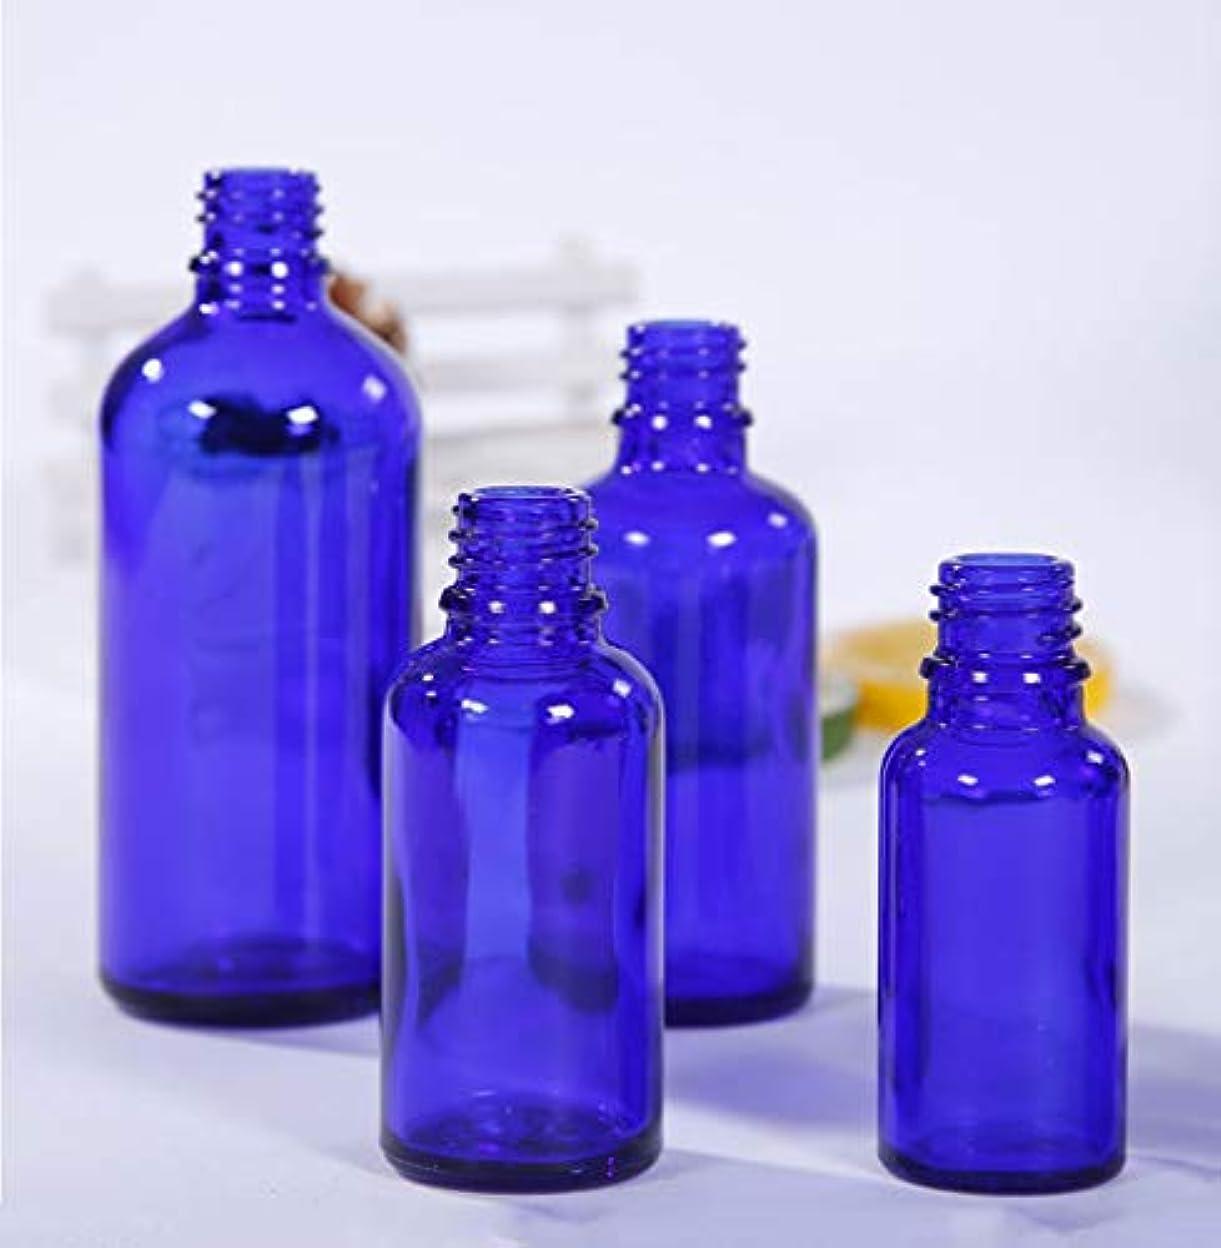 机苦しみ最大のMorino ガラスボトル スポイト 詰め替え容器 化粧品 遮光 アロマオイル 精油 小分け 7サイズセット (青色)